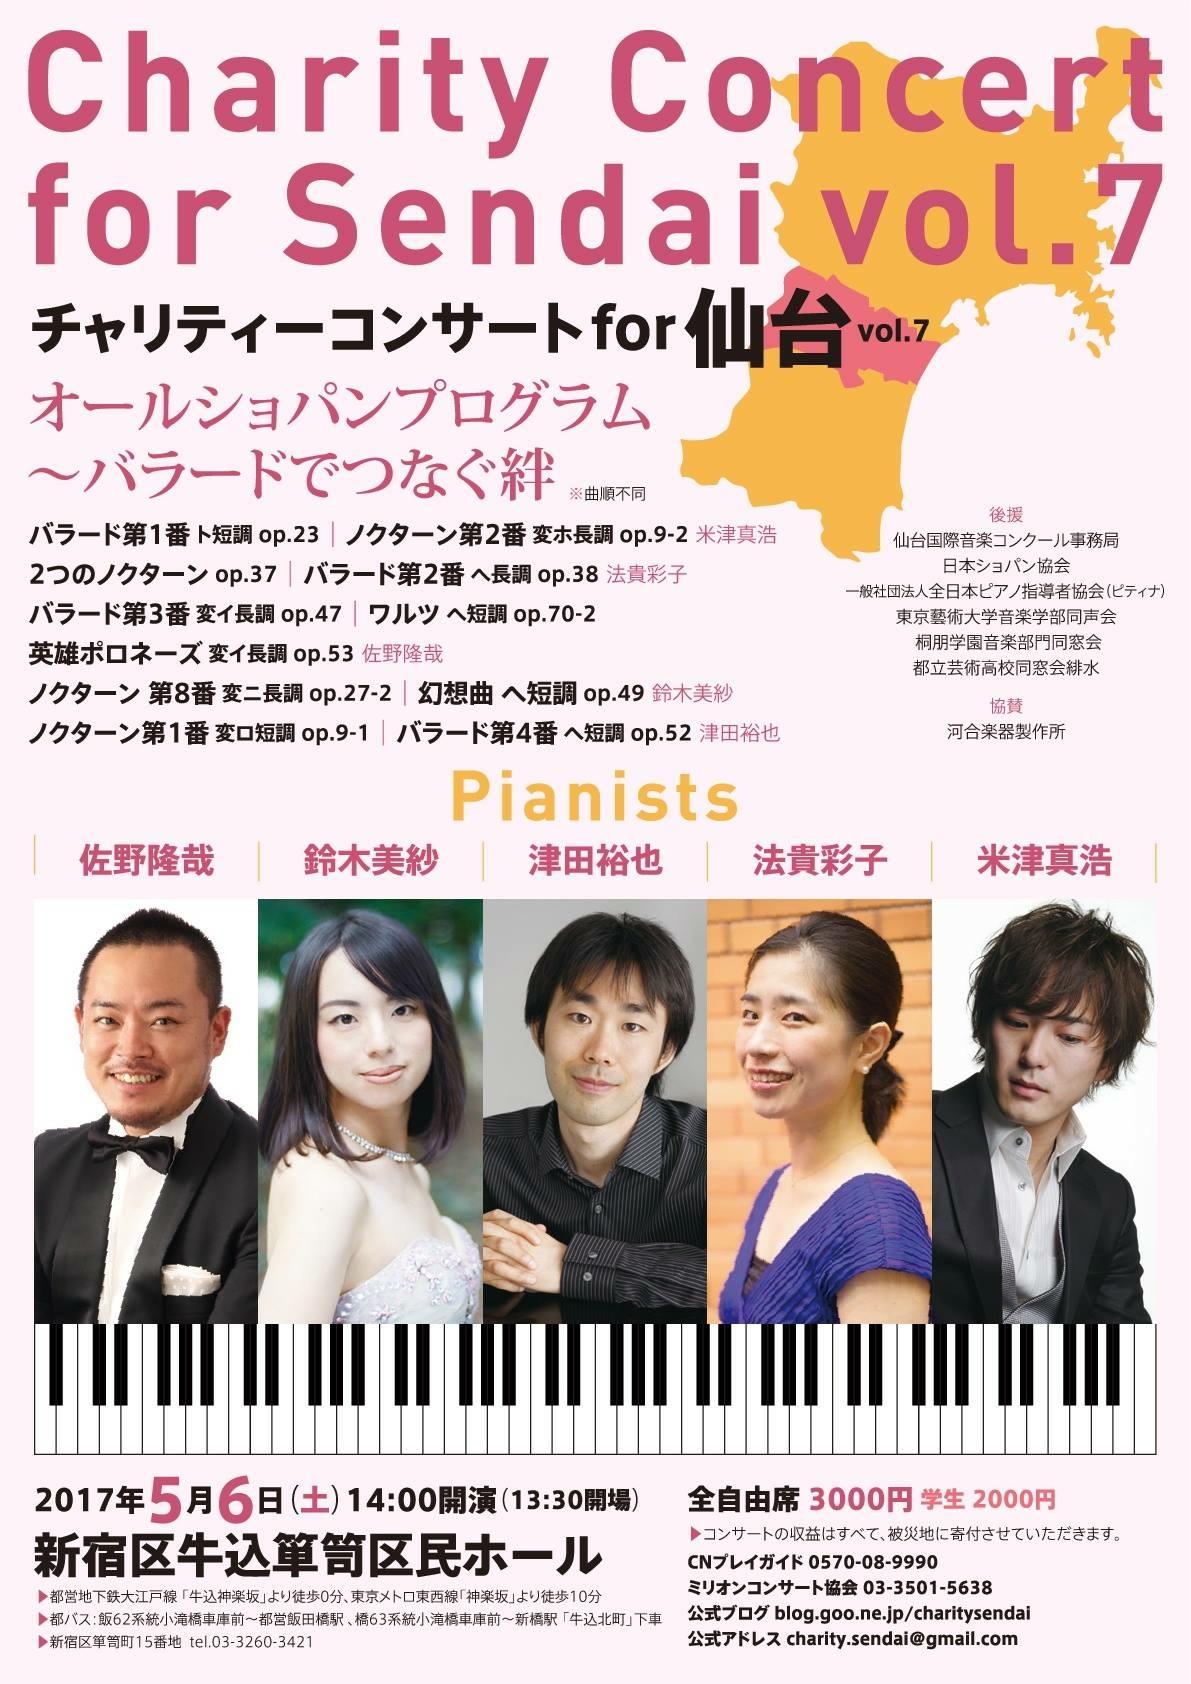 2017年5月6日(土) チャリティーコンサート for 仙台